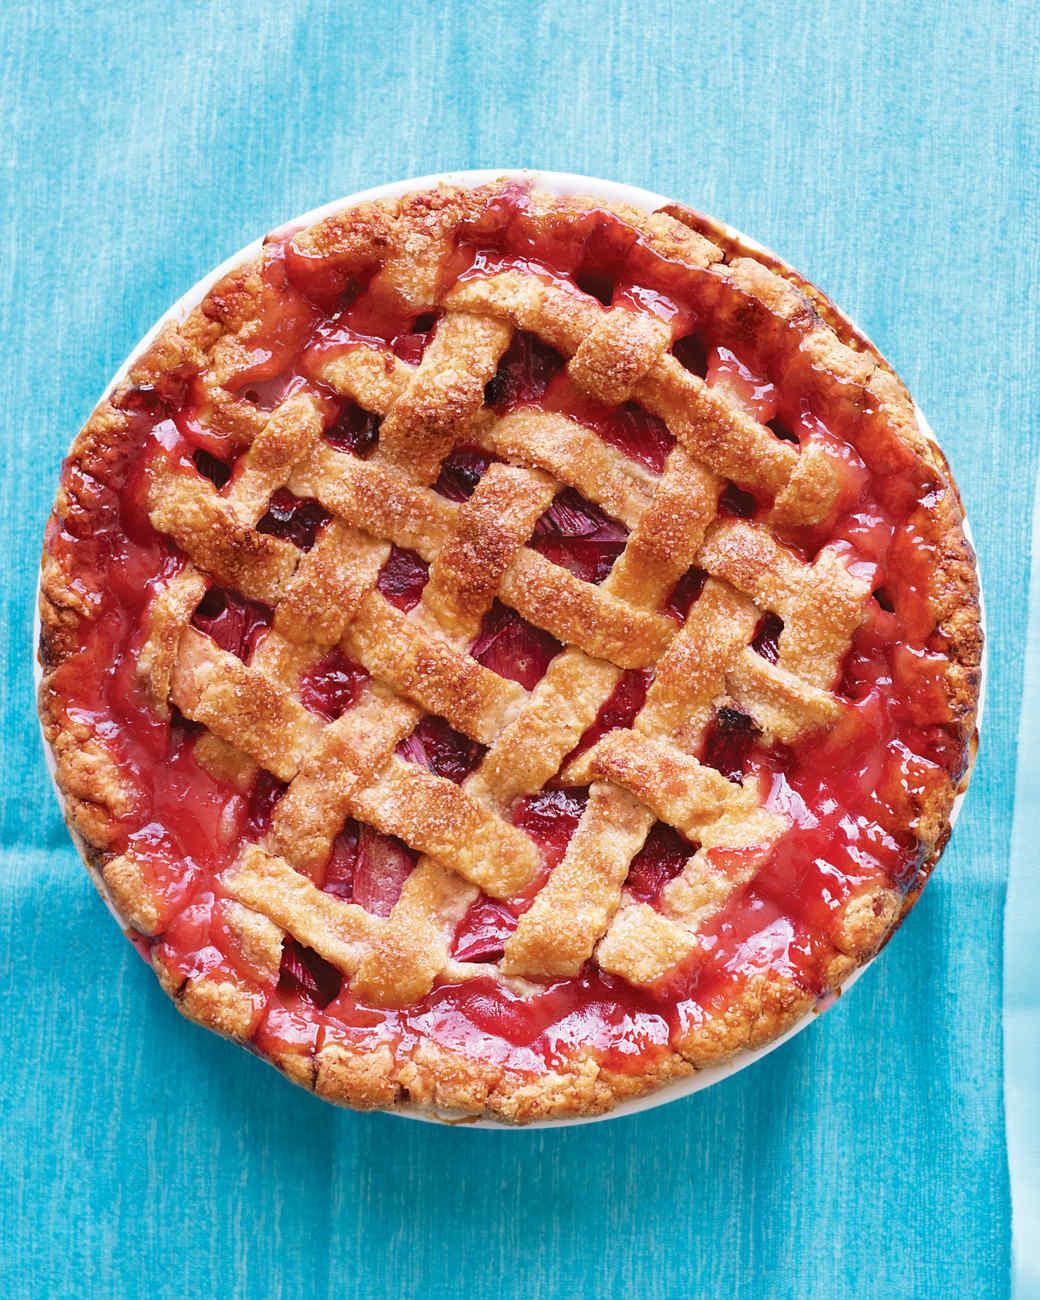 pie-rhubarb-0611msummerpies-1.jpg